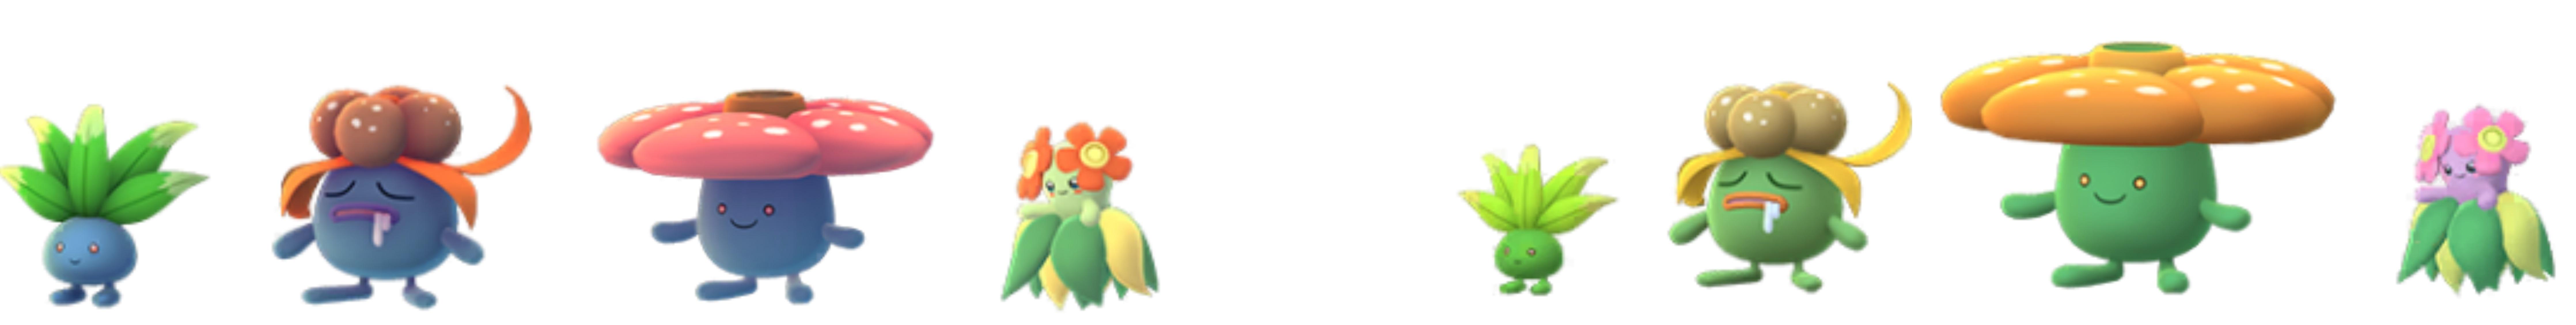 بوكيمون الذهاب جديد لامعة بوكيمون أكتوبر 4